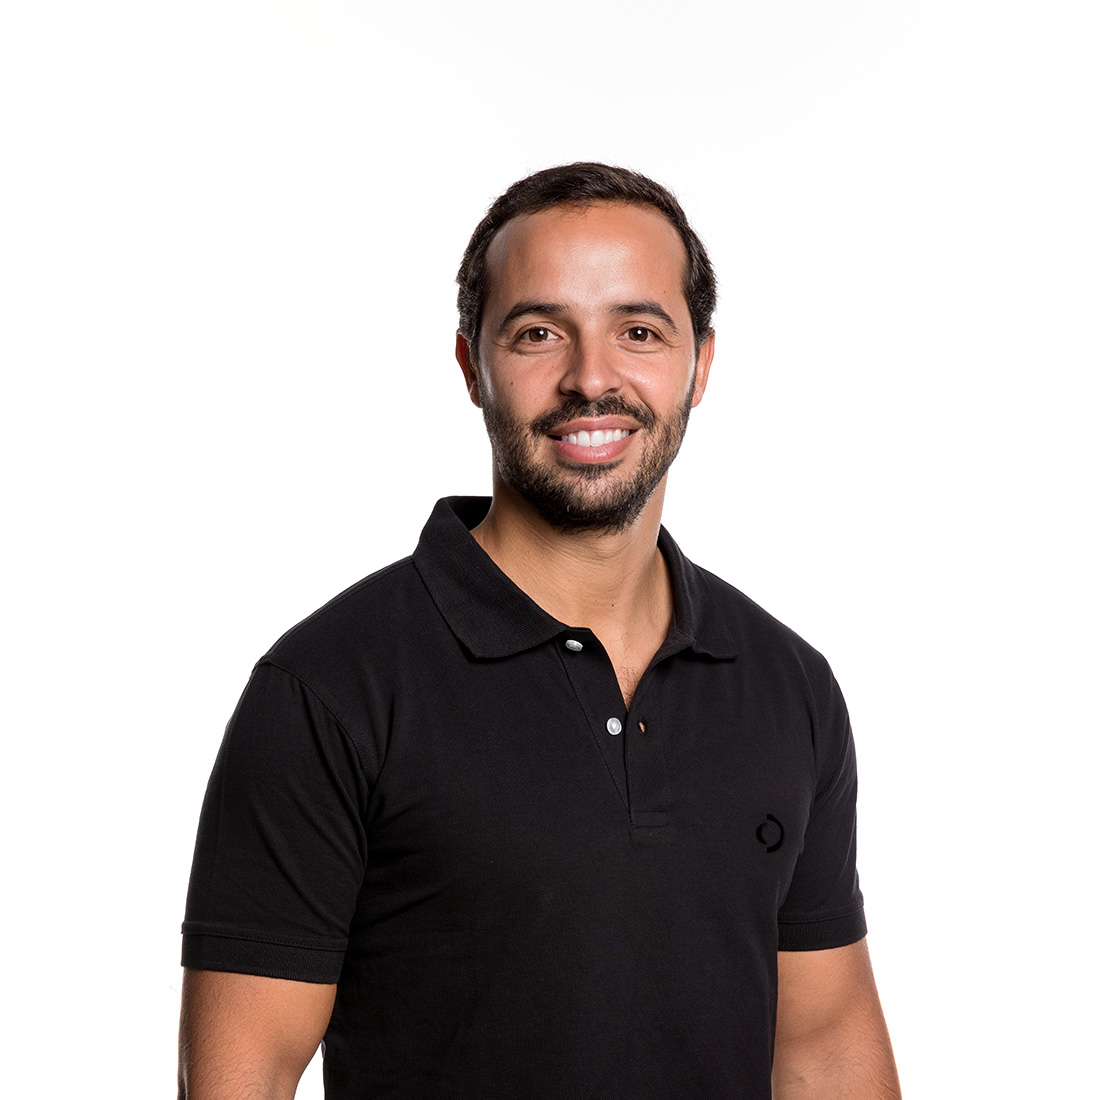 Vasco Nunes da Silva